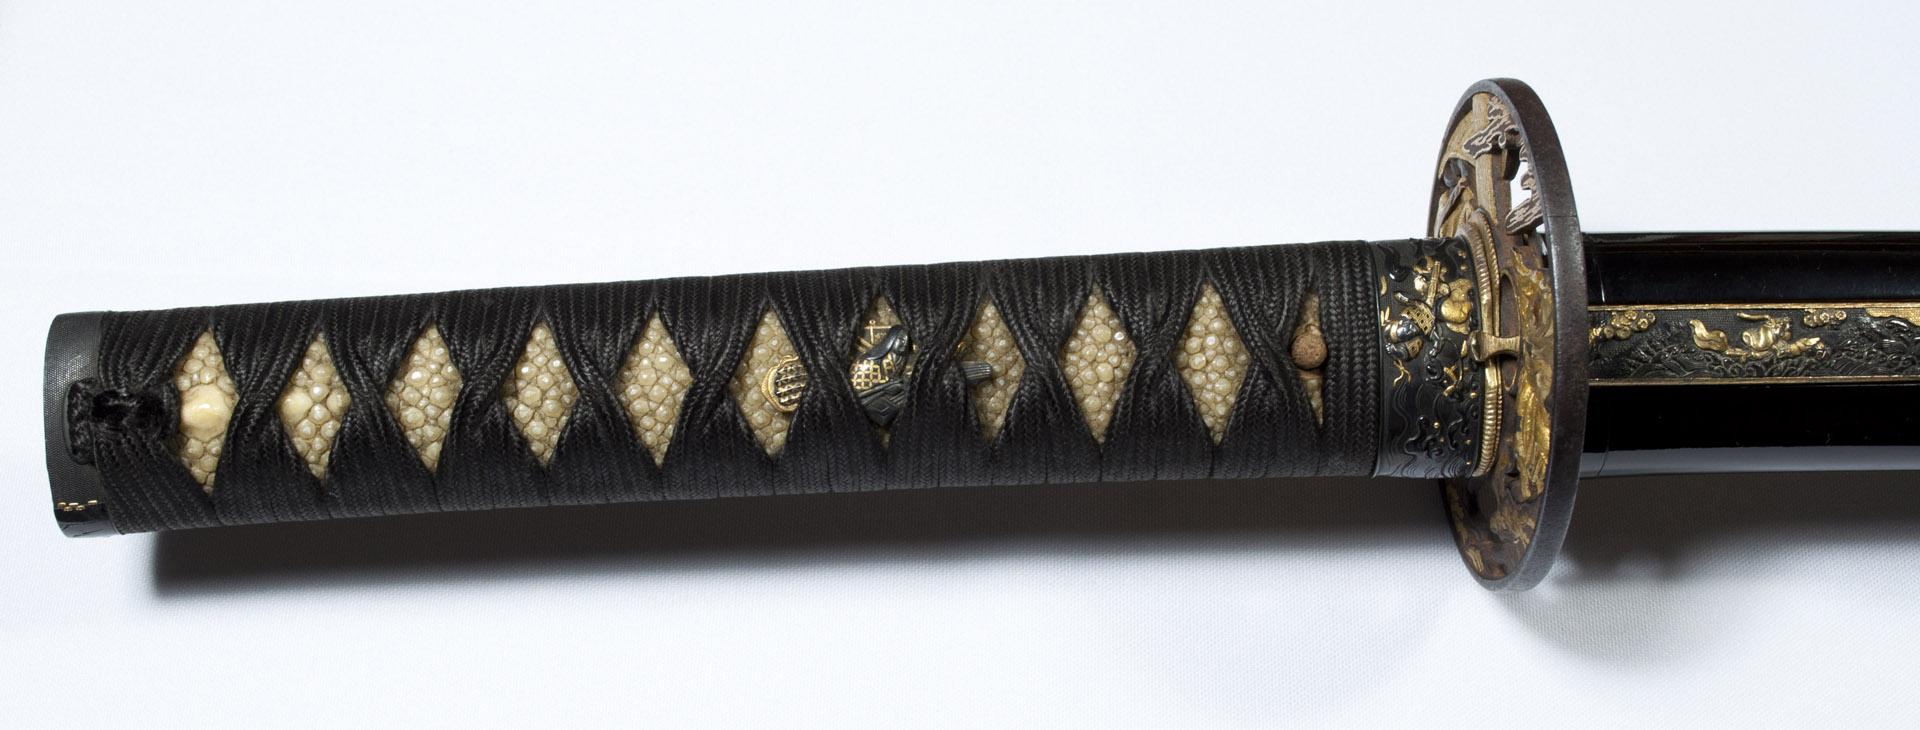 Tsunahiro katana sabre japonais koshirae (1)